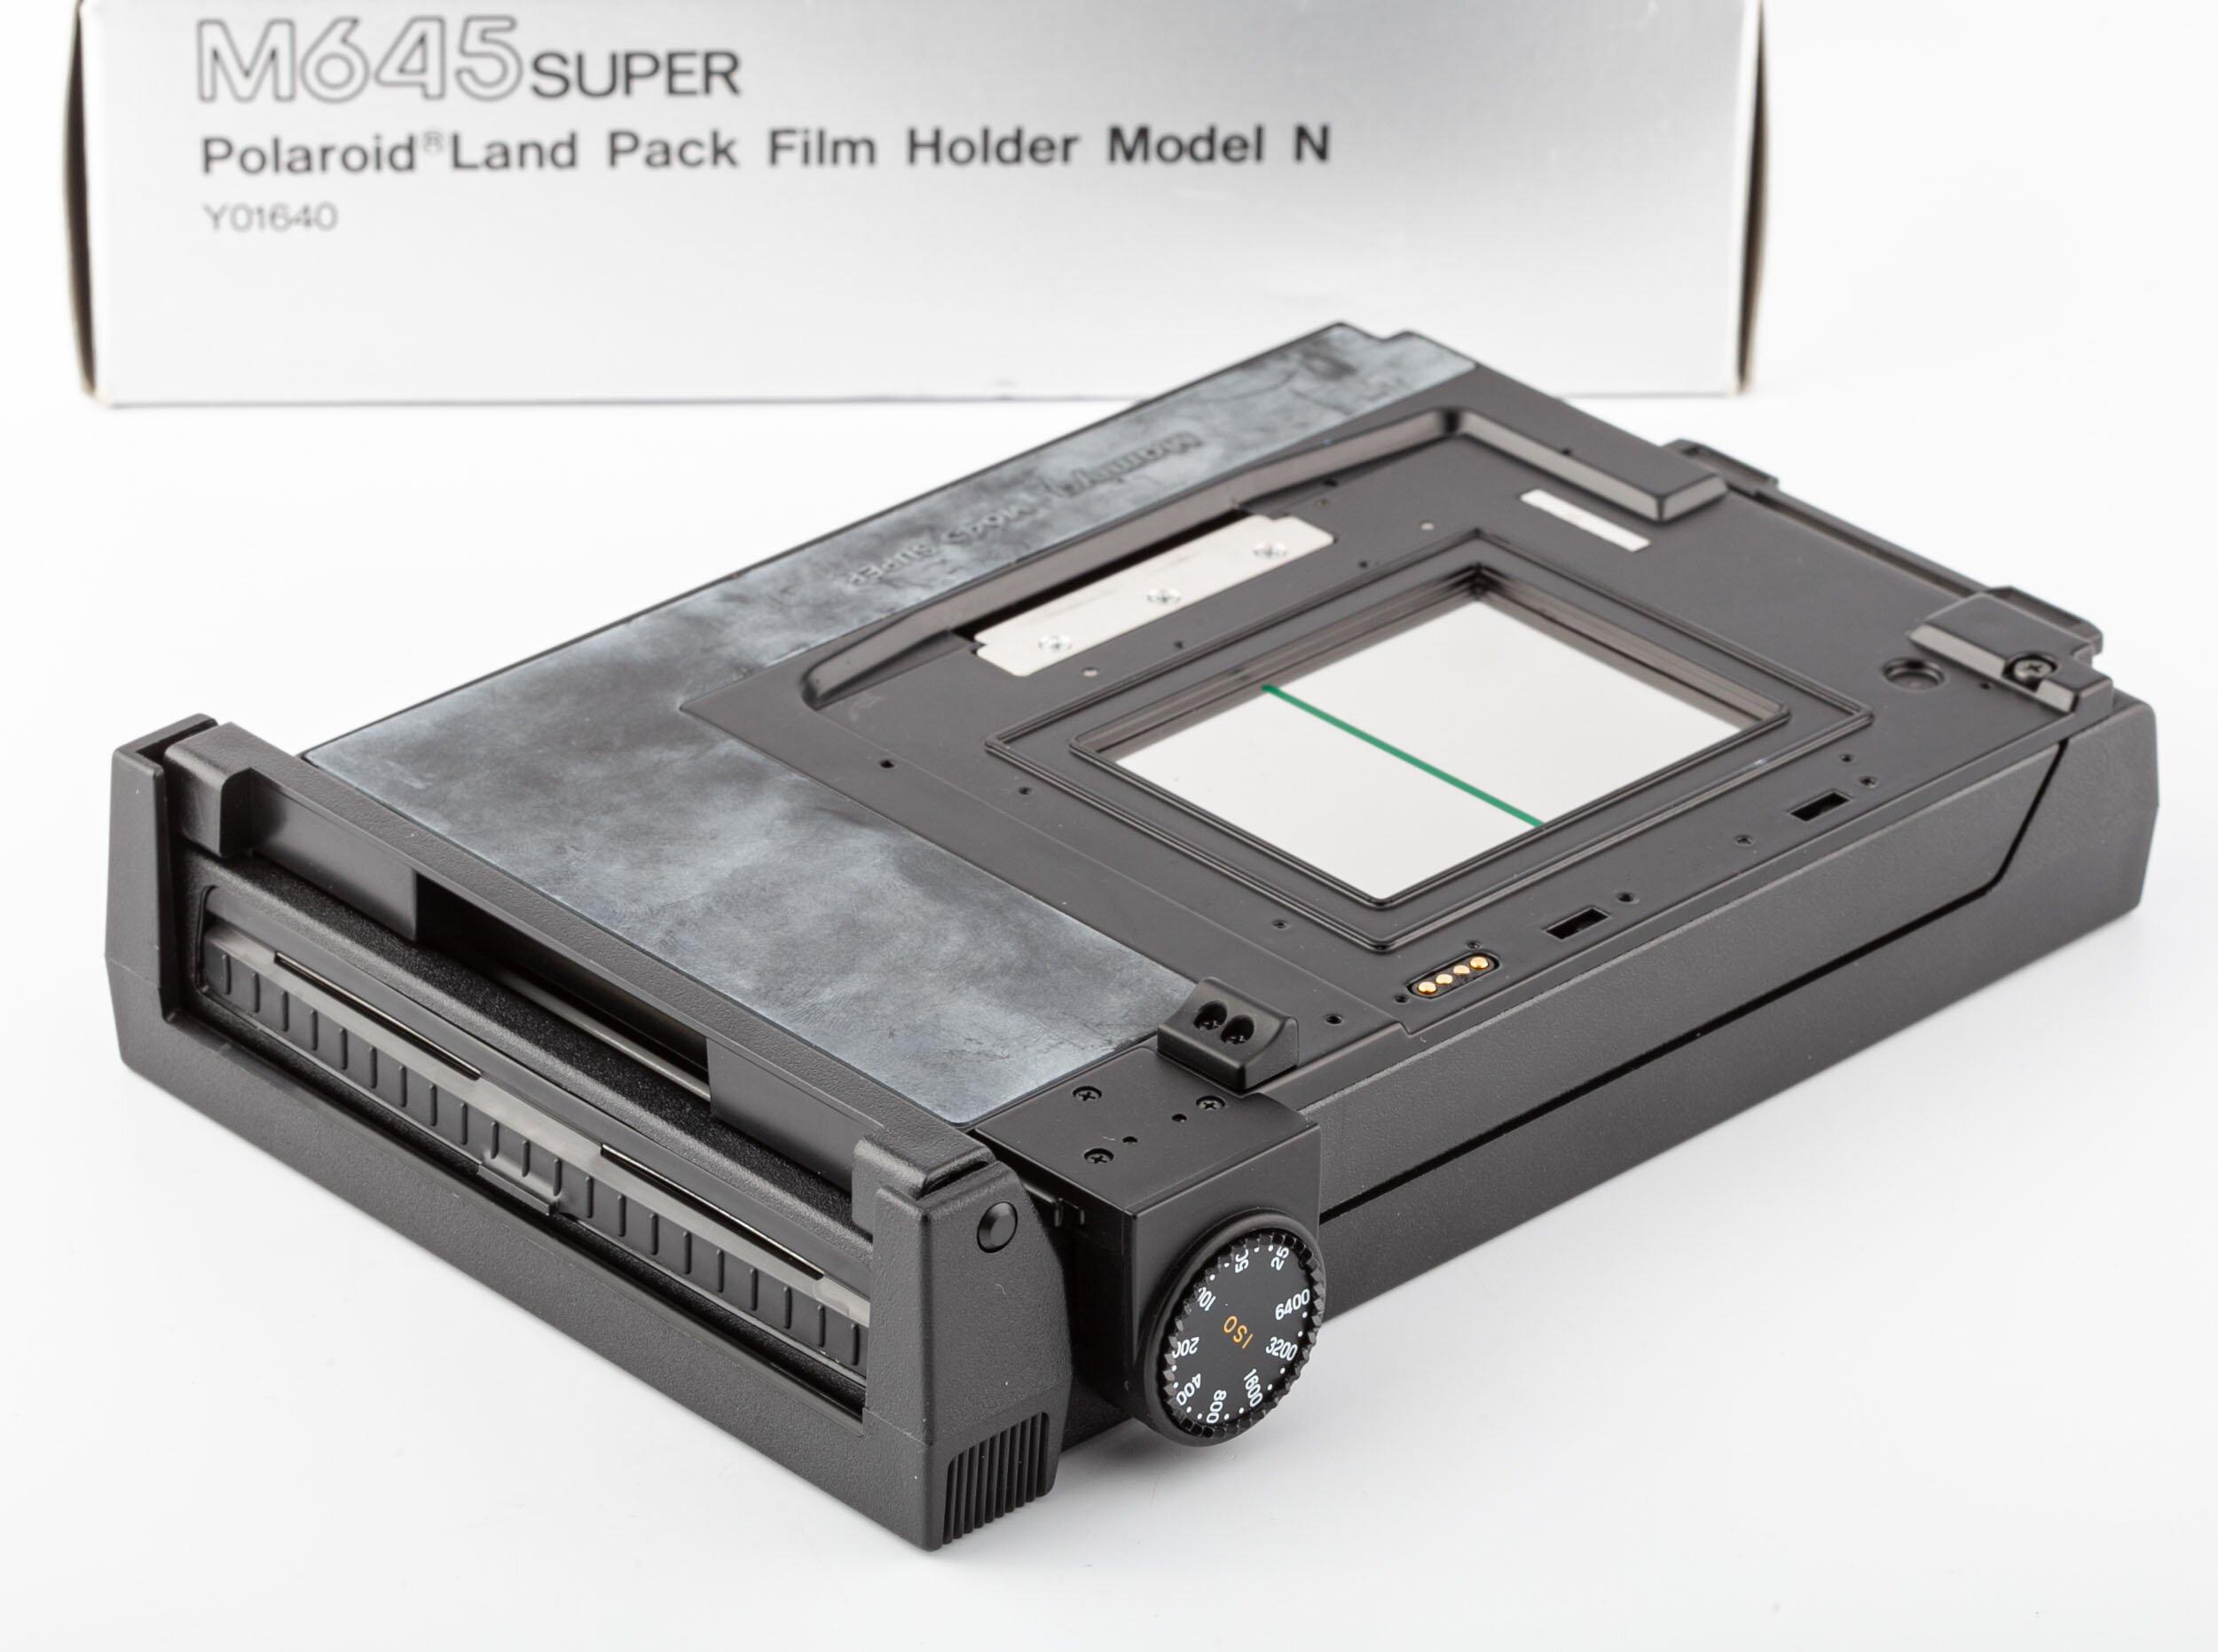 Mamiya M645 Super Polaroid Land Pack Model N